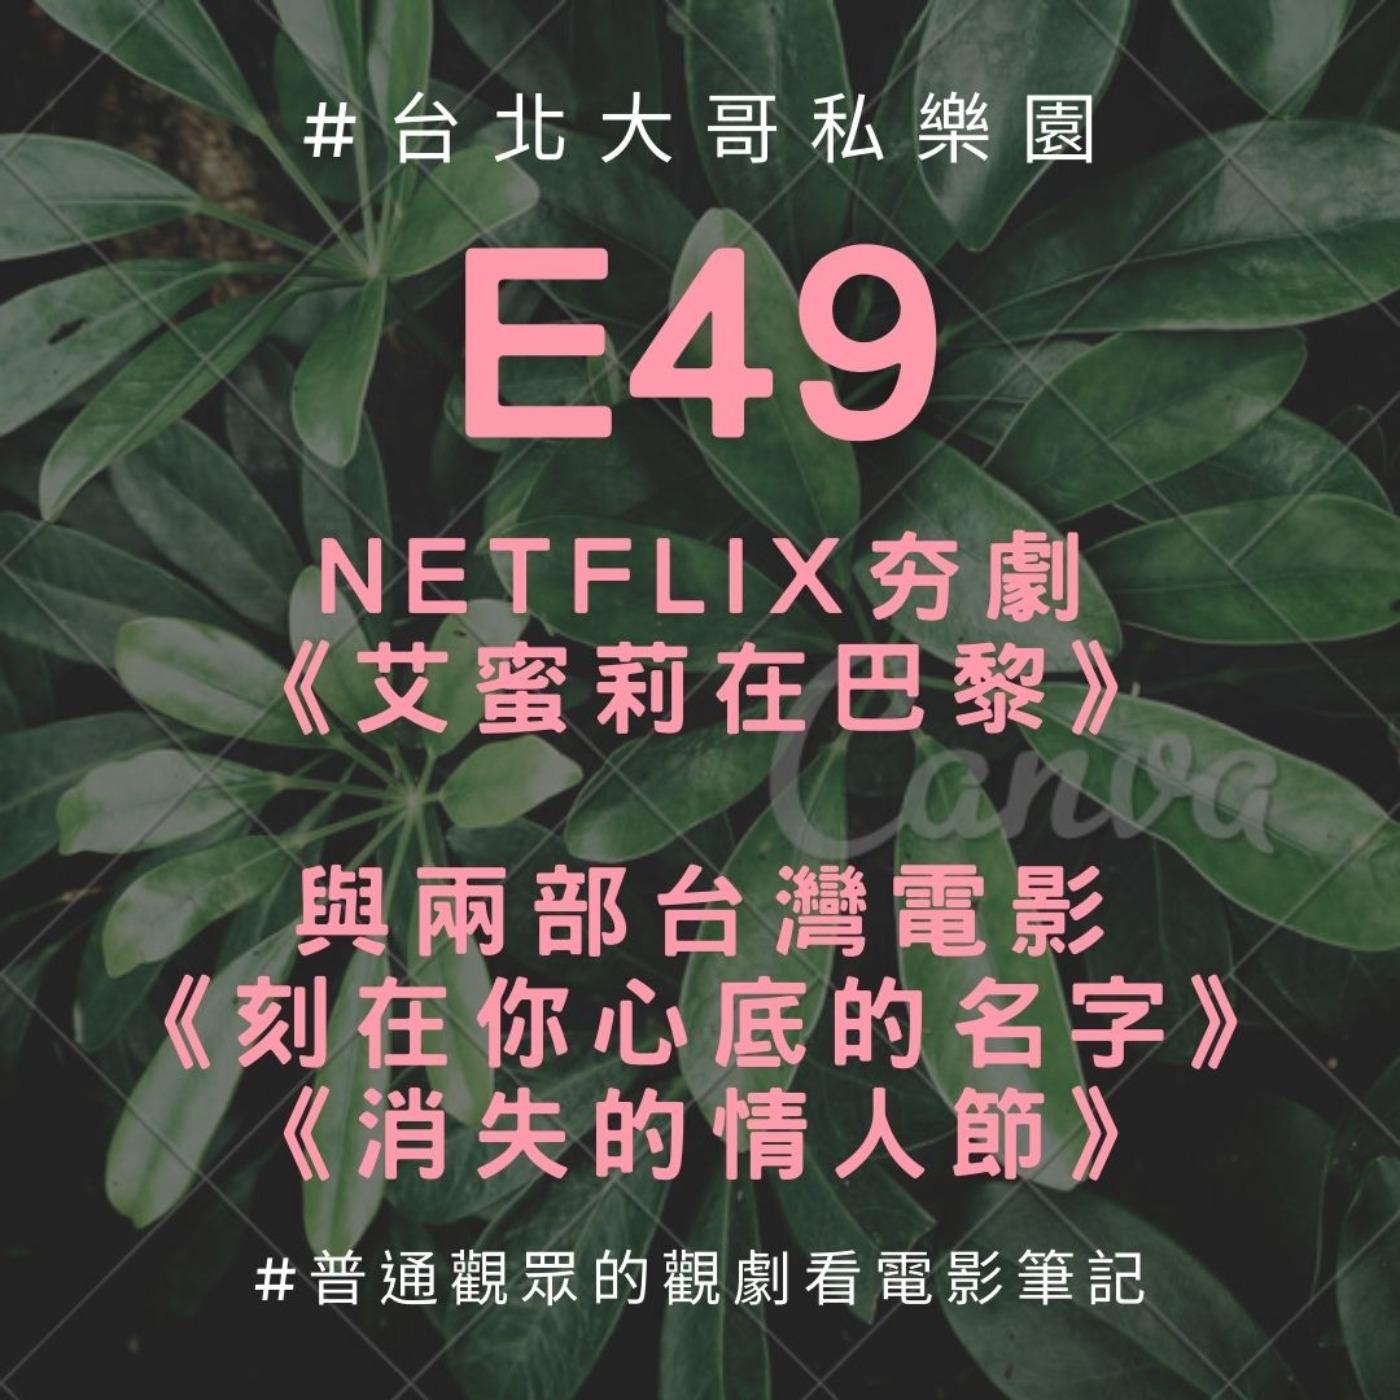 E49 Netflix夯劇《艾蜜莉在巴黎》與兩部台灣電影《刻在你心底的名字》《消失的情人節》